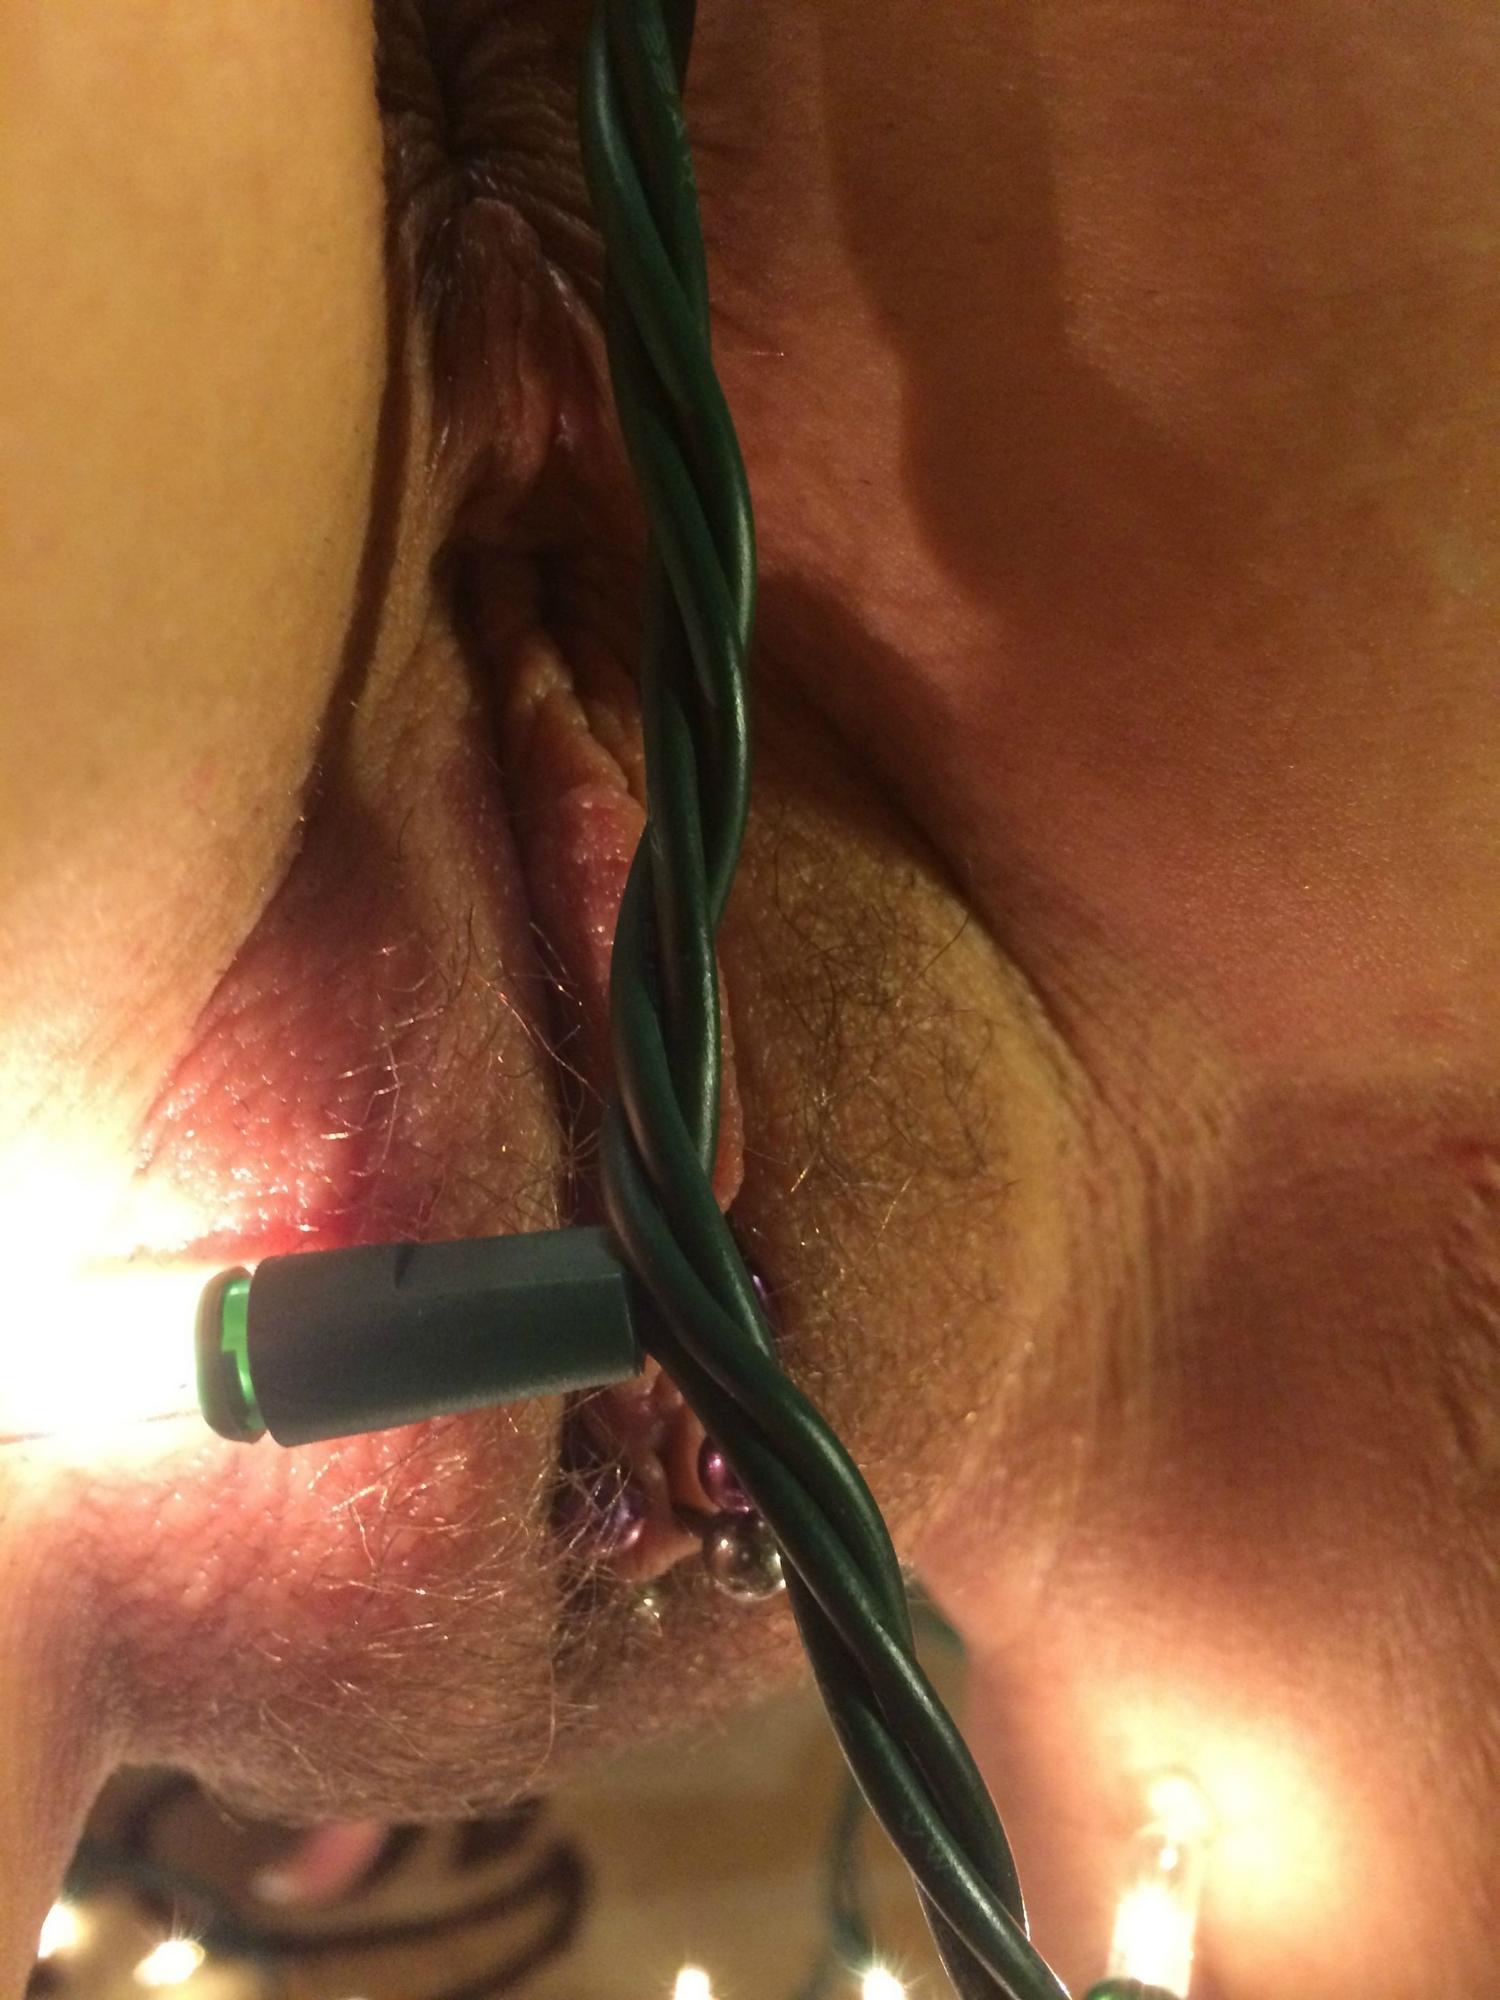 Фитоняшка демонстрирует тело в новогоднюю ночь секс фото и порно фото